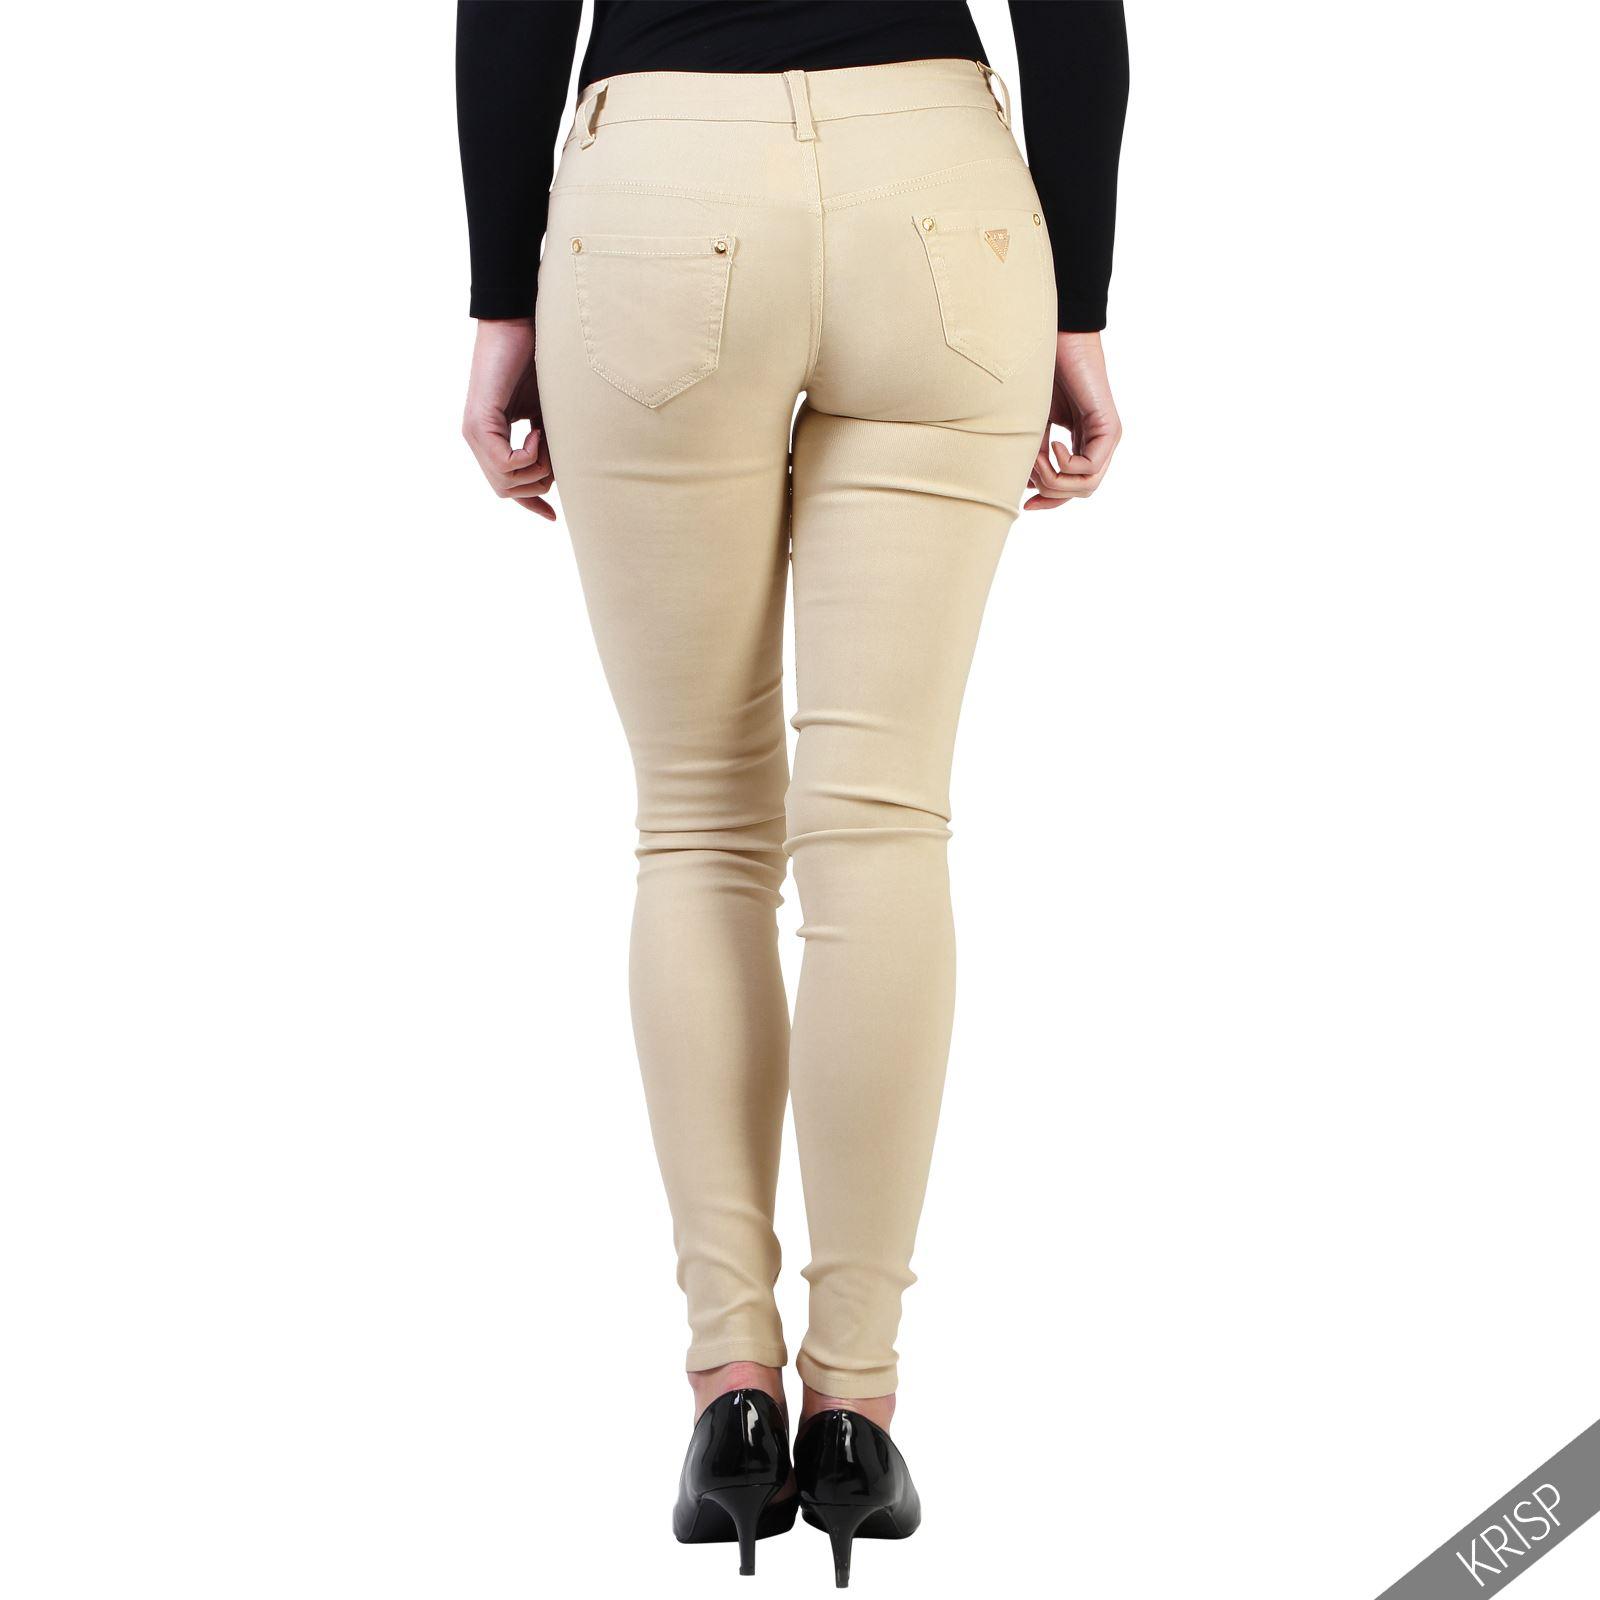 damen stretch skinny fit jeans jeggings leggings enge figurbetonende hose ebay. Black Bedroom Furniture Sets. Home Design Ideas